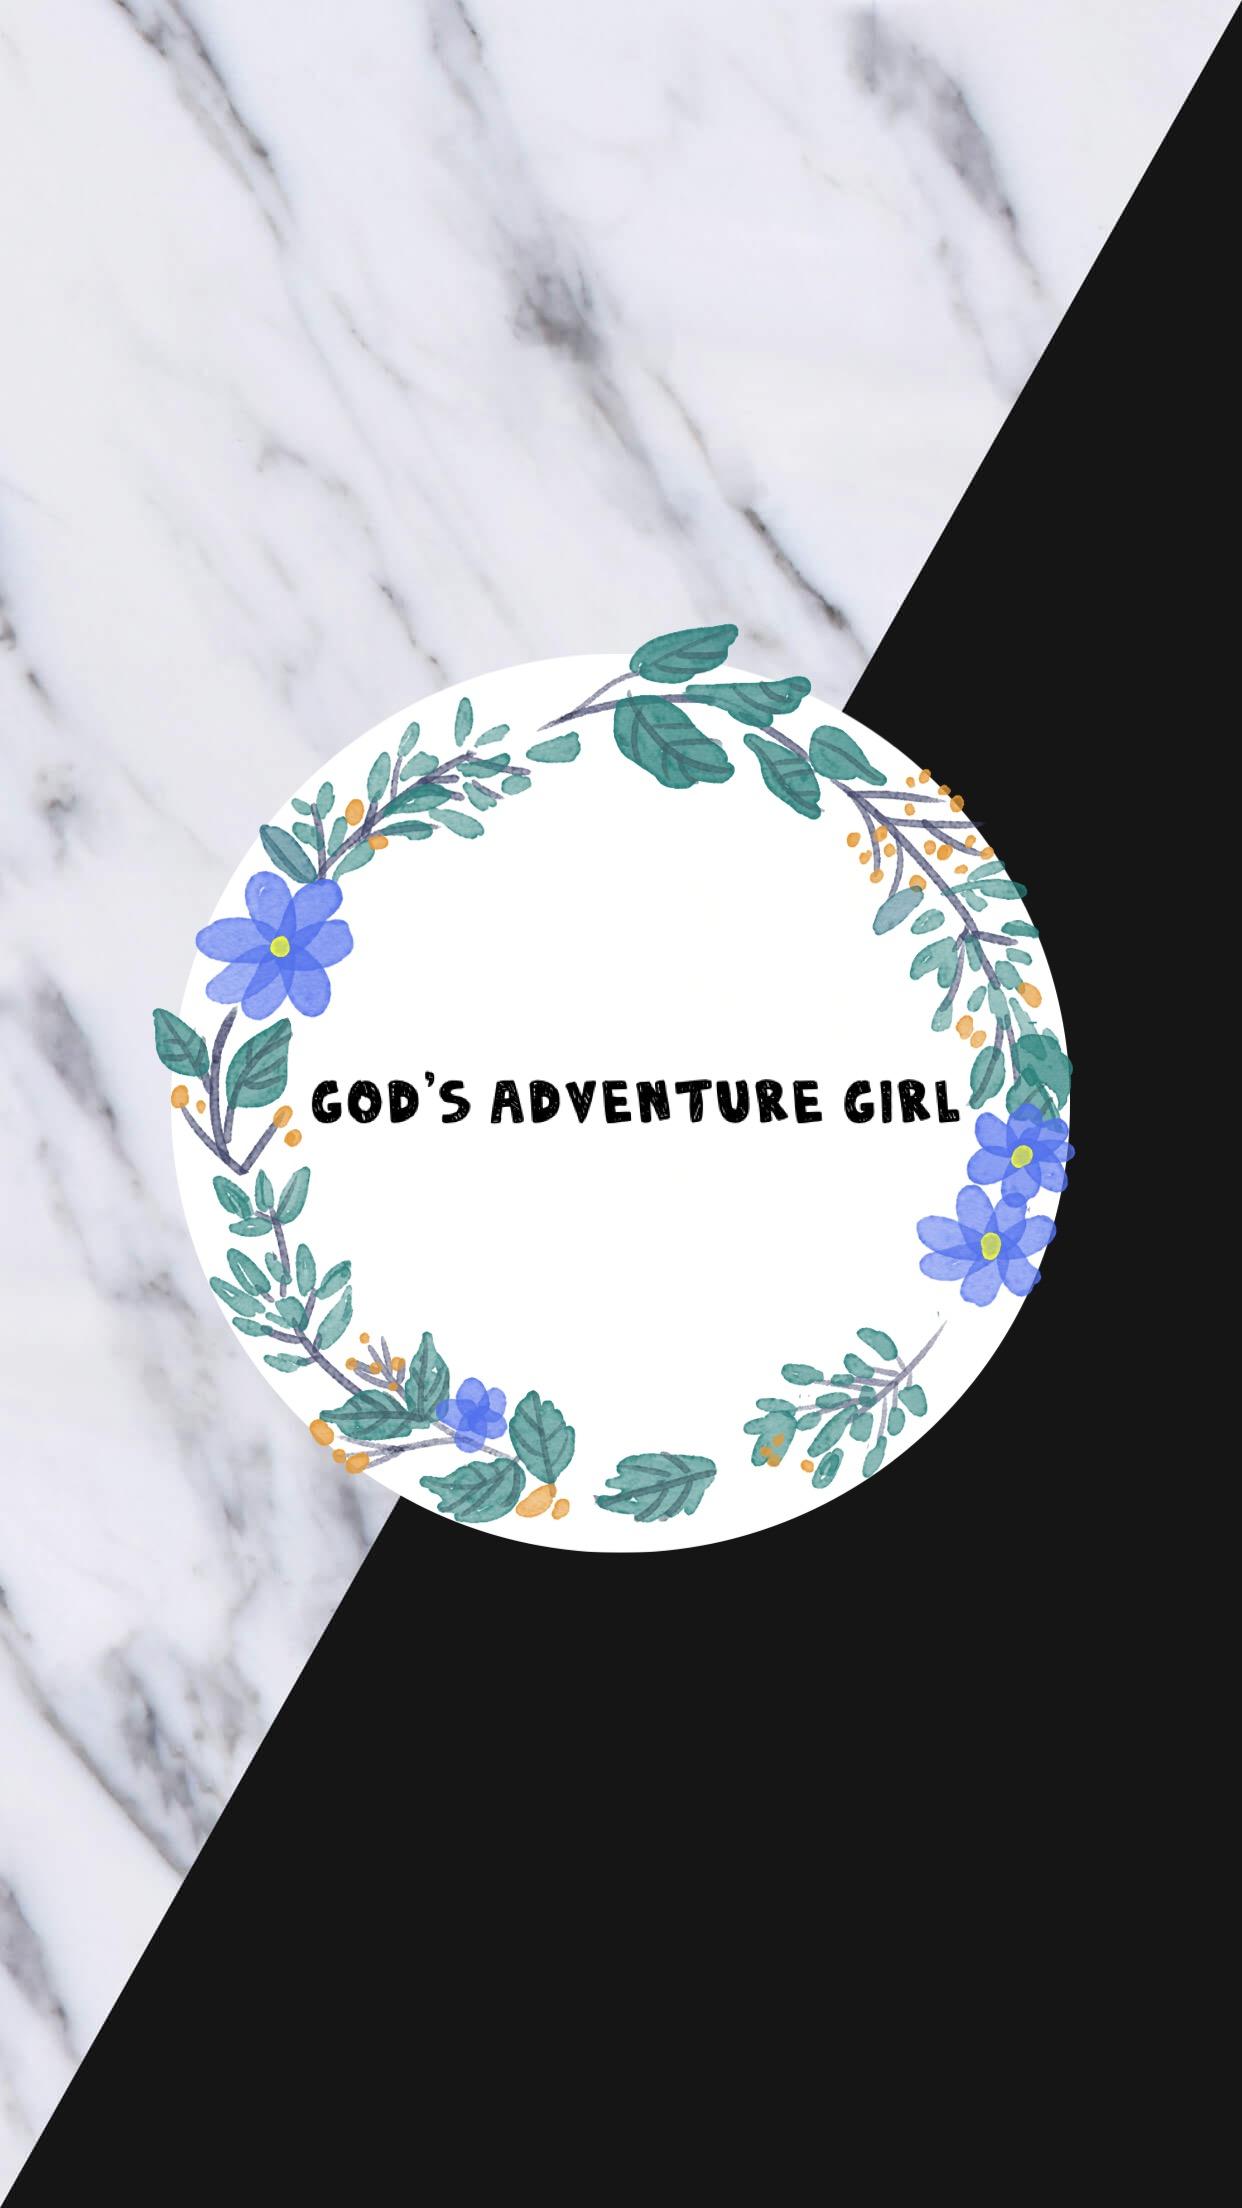 God's Adventure Girl